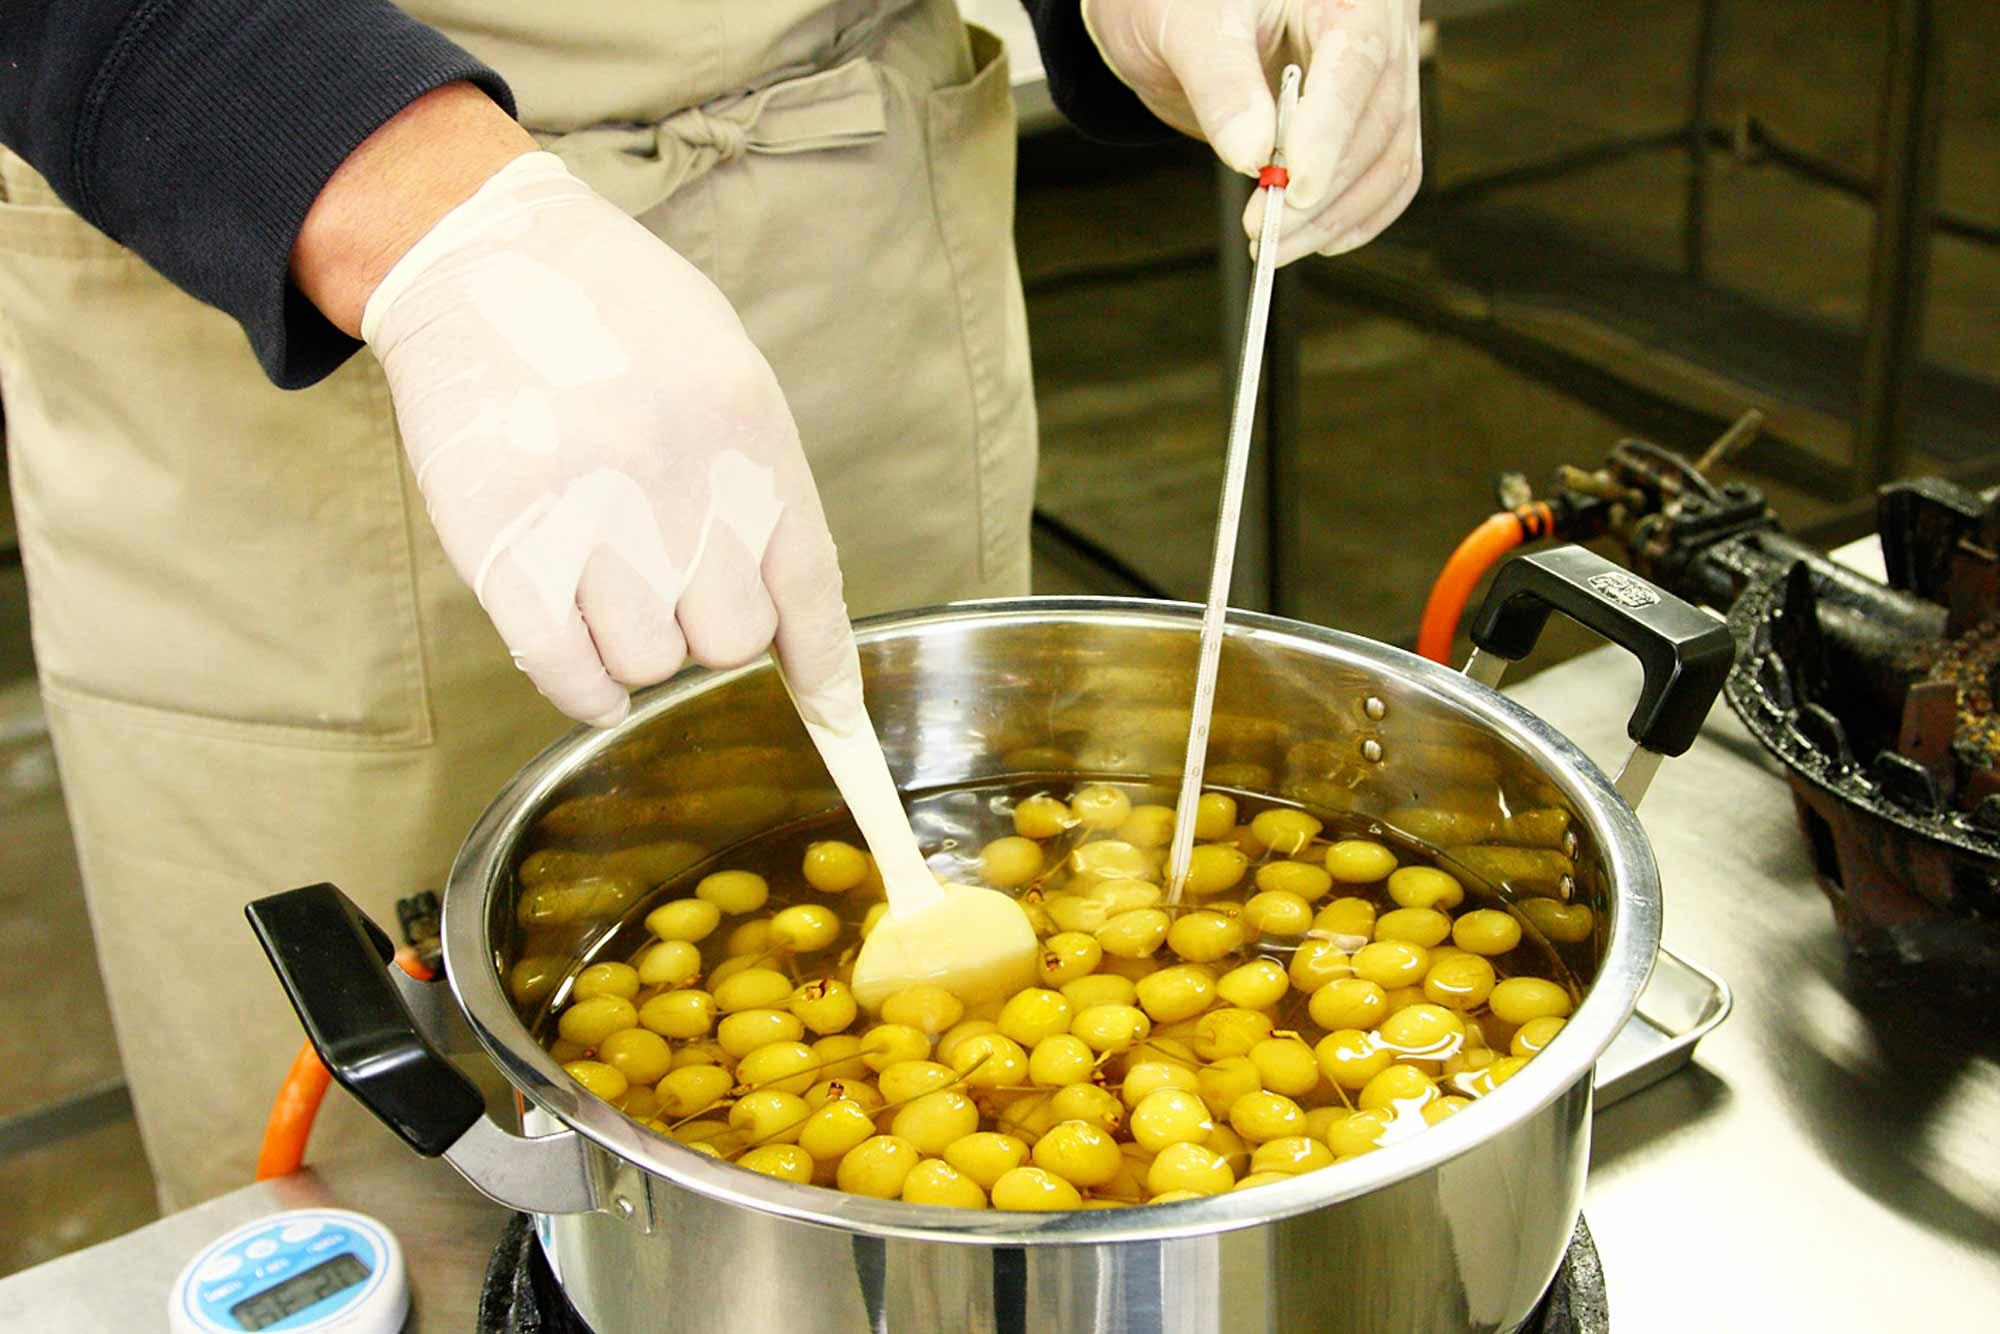 山形県アンテナショップおいしい山形 つくり手を訪ねて|株式会社サエグサファクトリー:                 早摘みした黄色いさくらんぼを、リキュールで香り付けした蜜でゆっくりと煮詰めます。